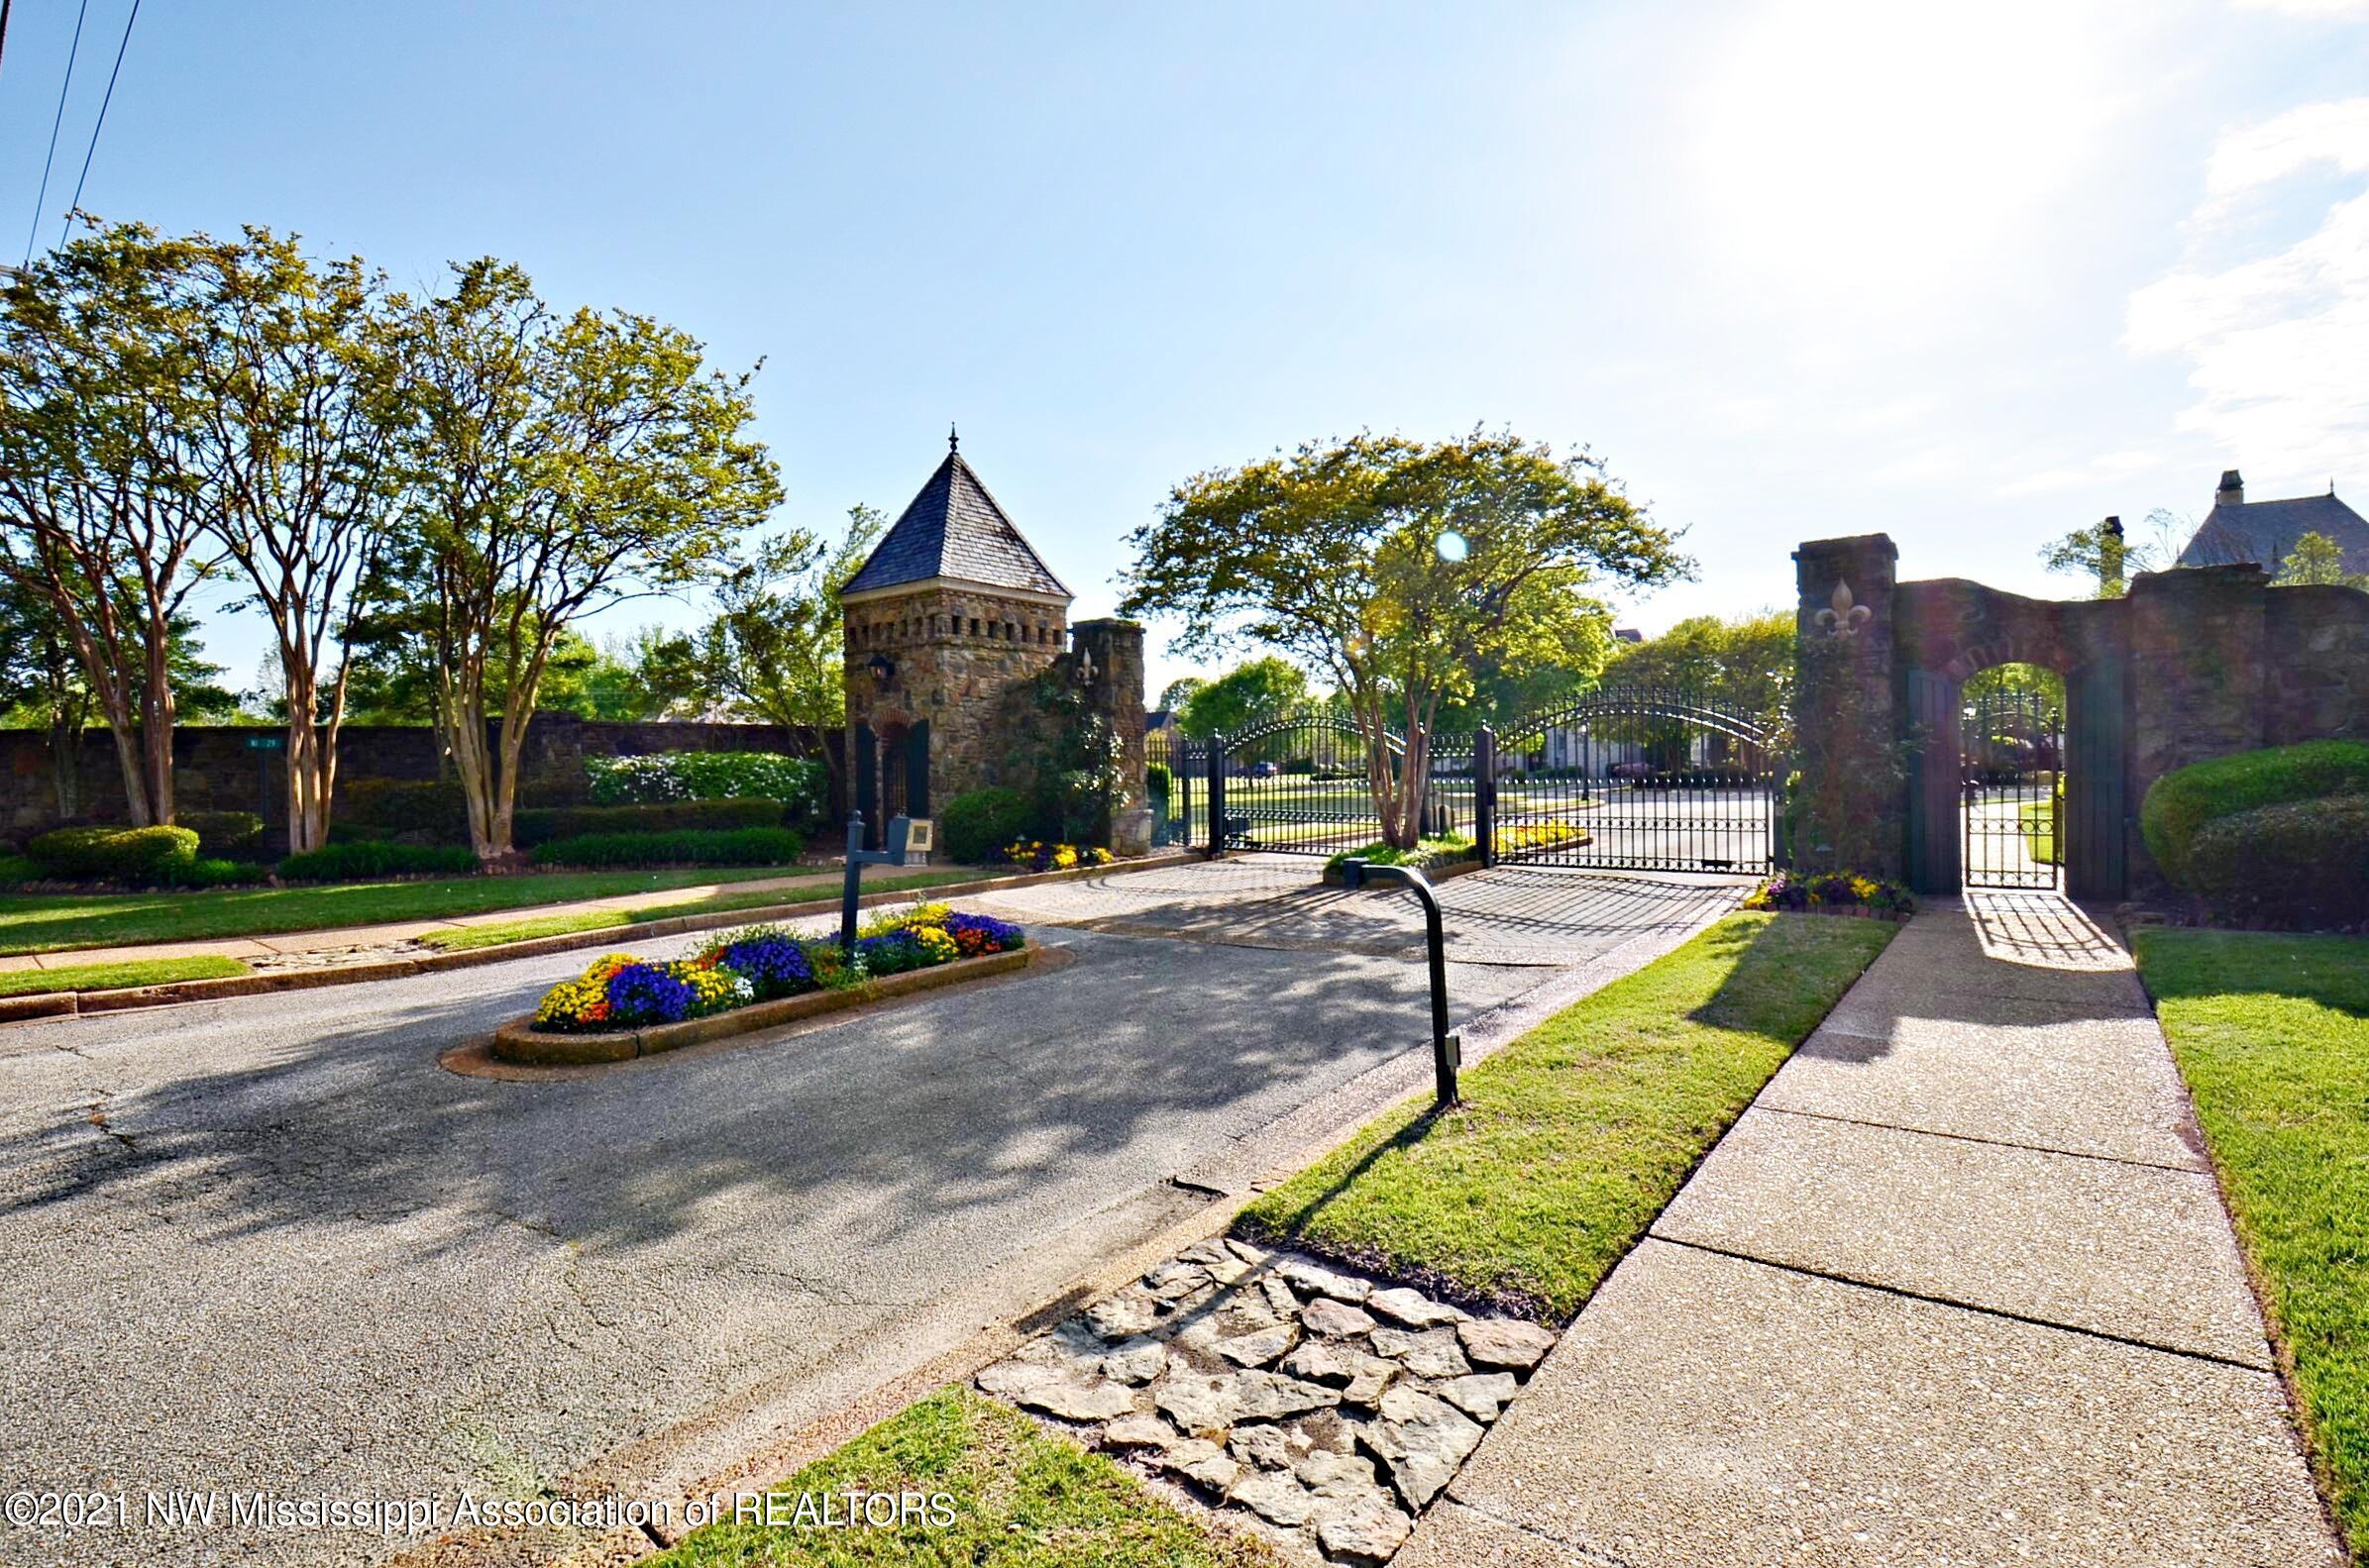 Gated entrance2